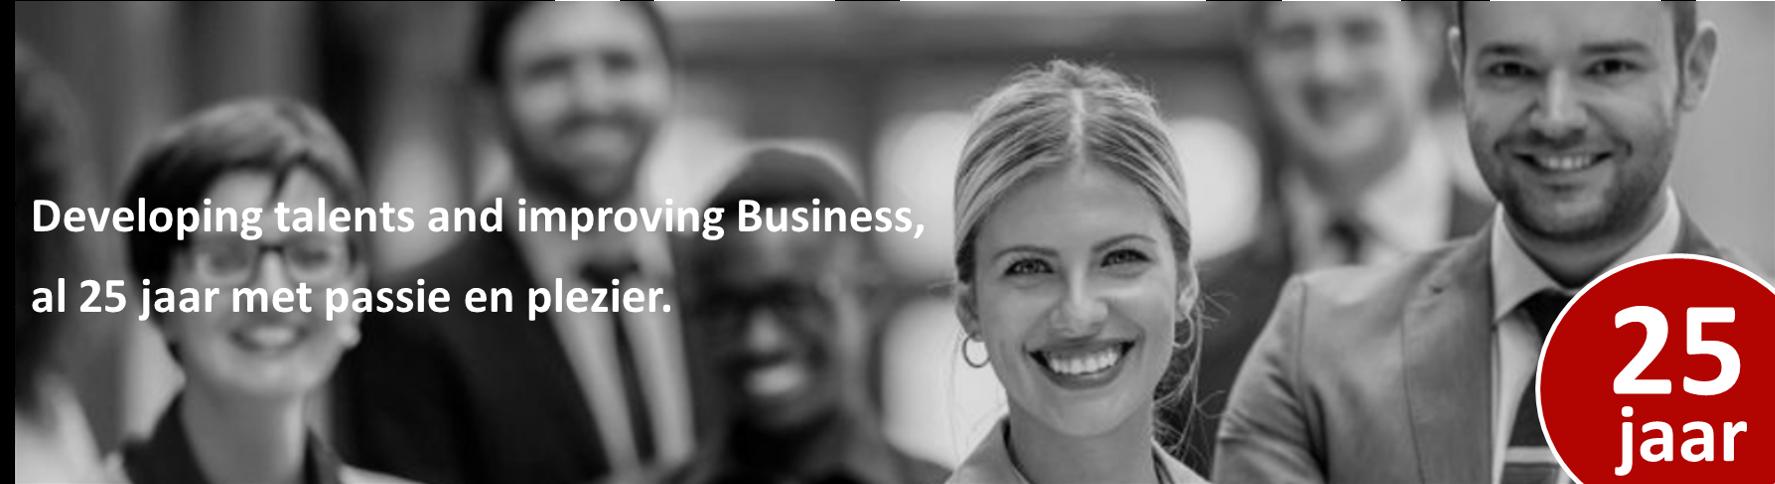 Developing talents and improving Business, al 25 jaar met passie en plezier.